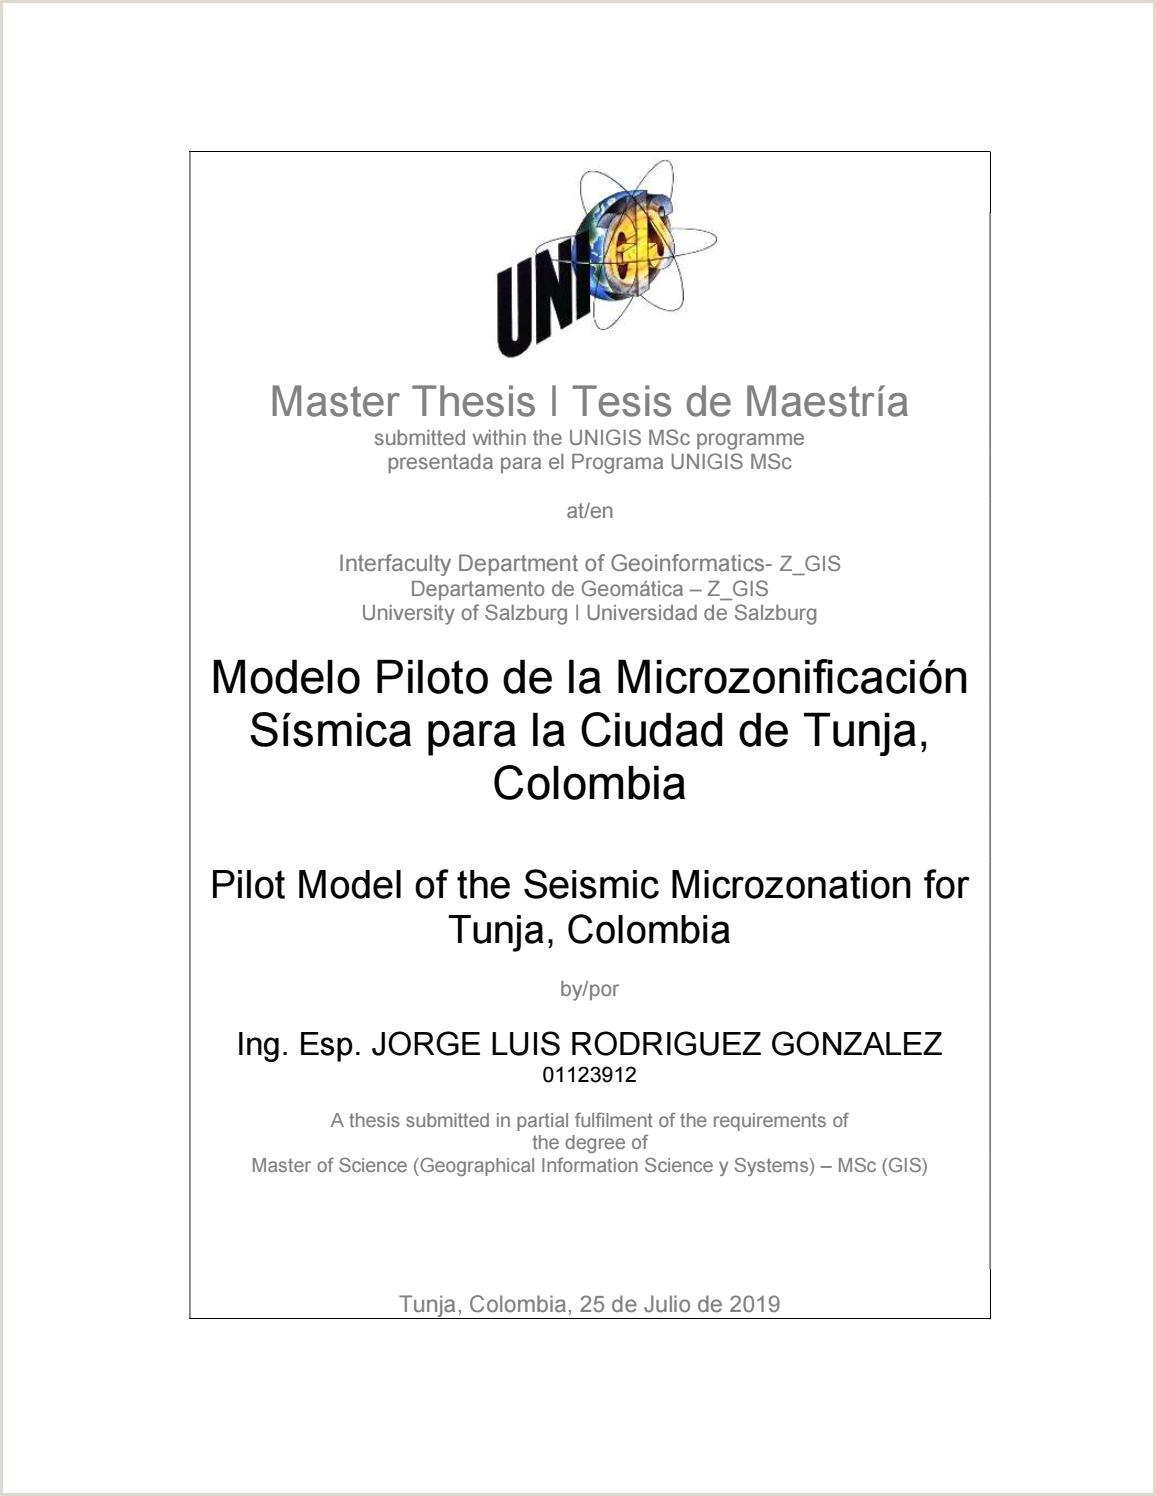 Formato De Hoja De Vida Funcion Publica Colombia Modelo Piloto De La Microzonificaci³n Ssmica Para La Ciudad